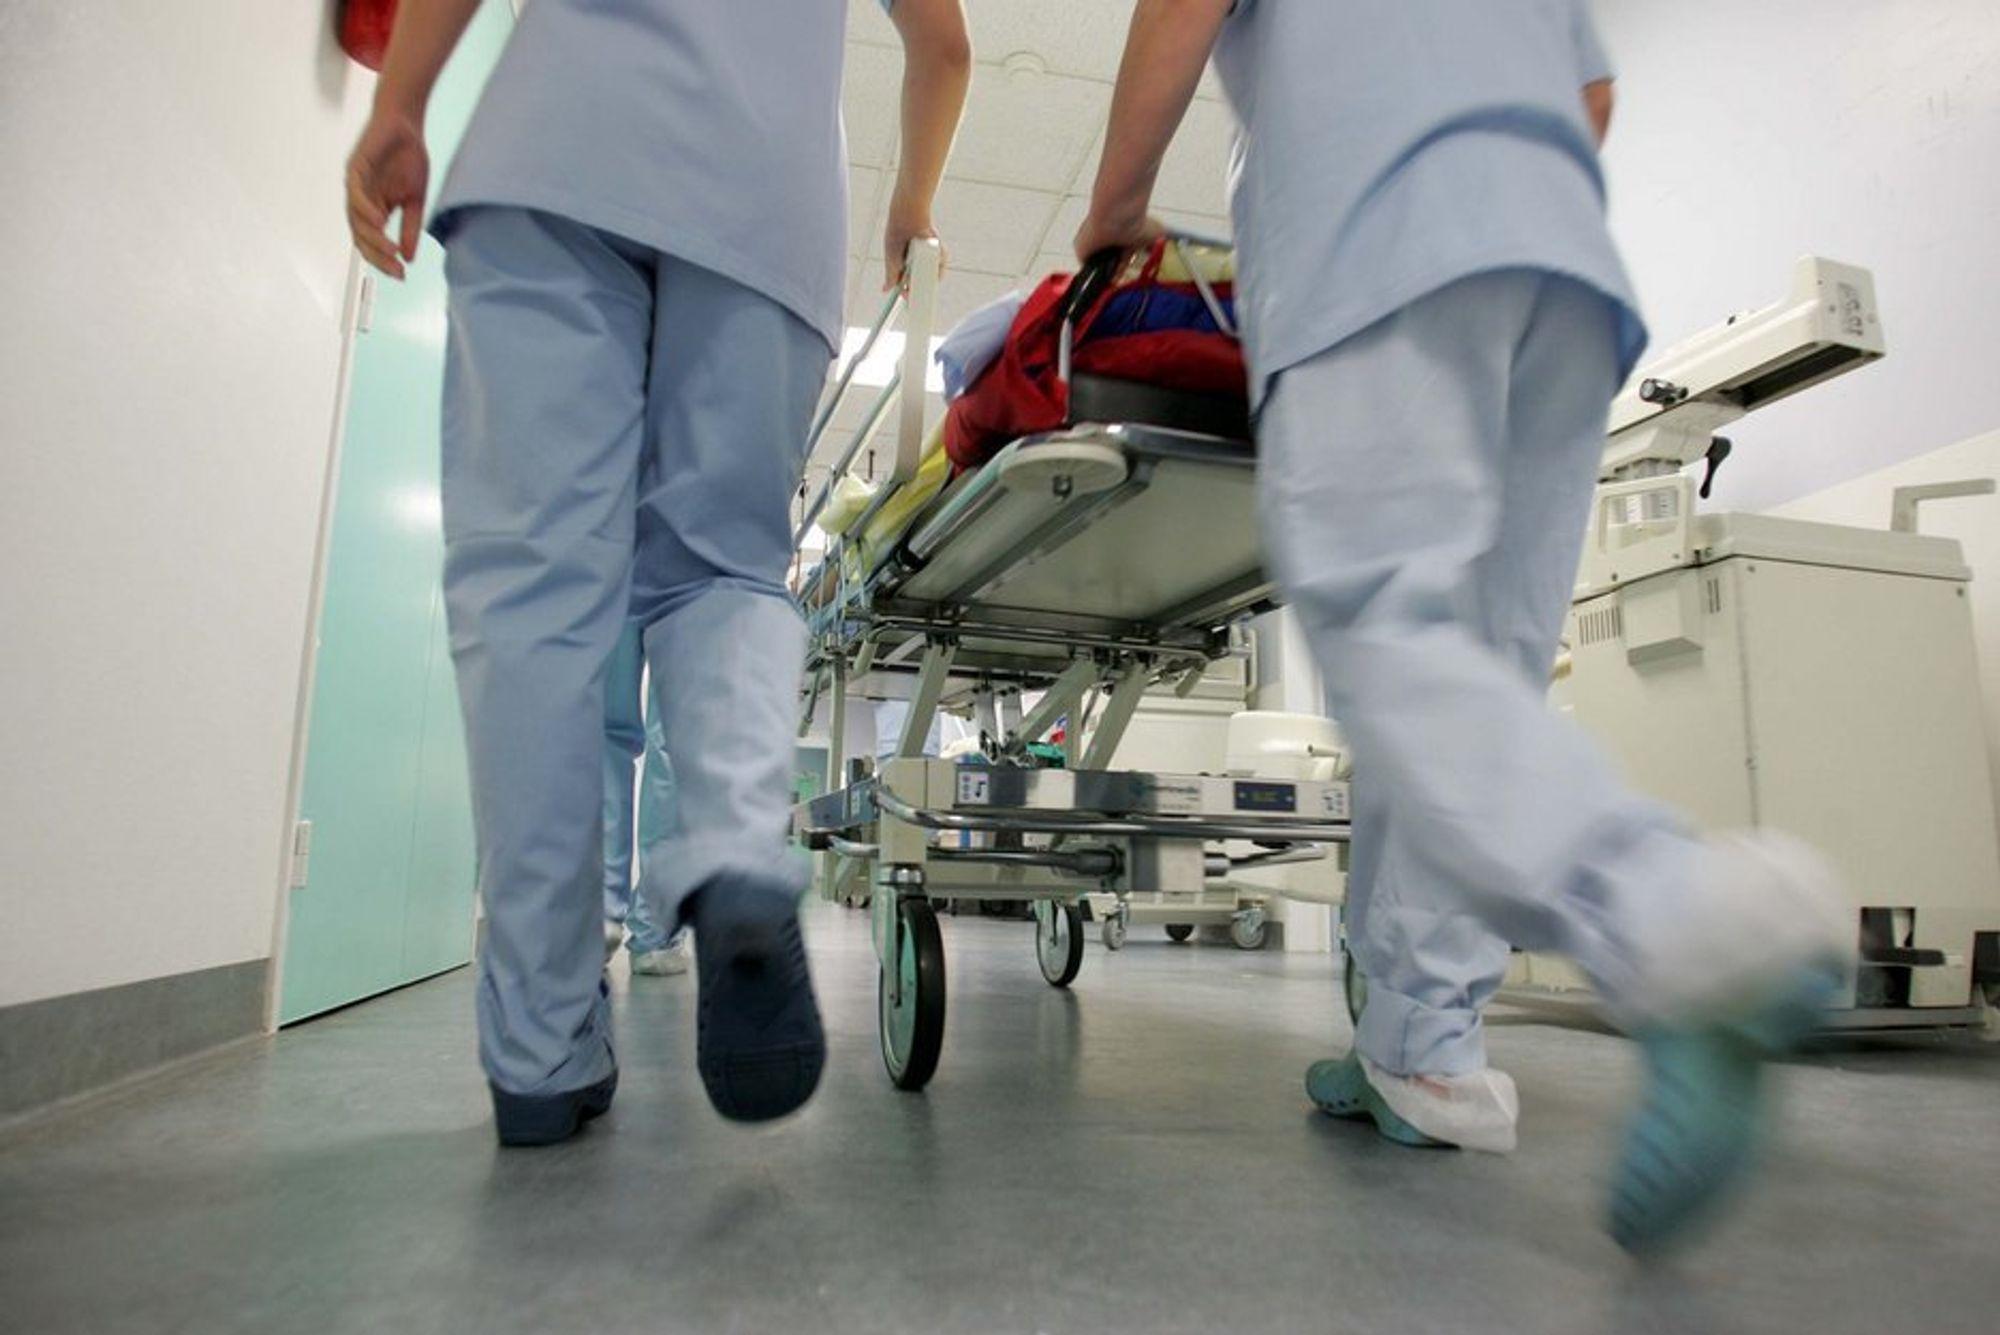 Sykepleiere. Sykehus. Sykepleie. Helsevesenet. Helsevesen. Syk. Sykdom. Akutt. Ambulanse. Kvinnearbeidsplasser. Kvinneyrke.